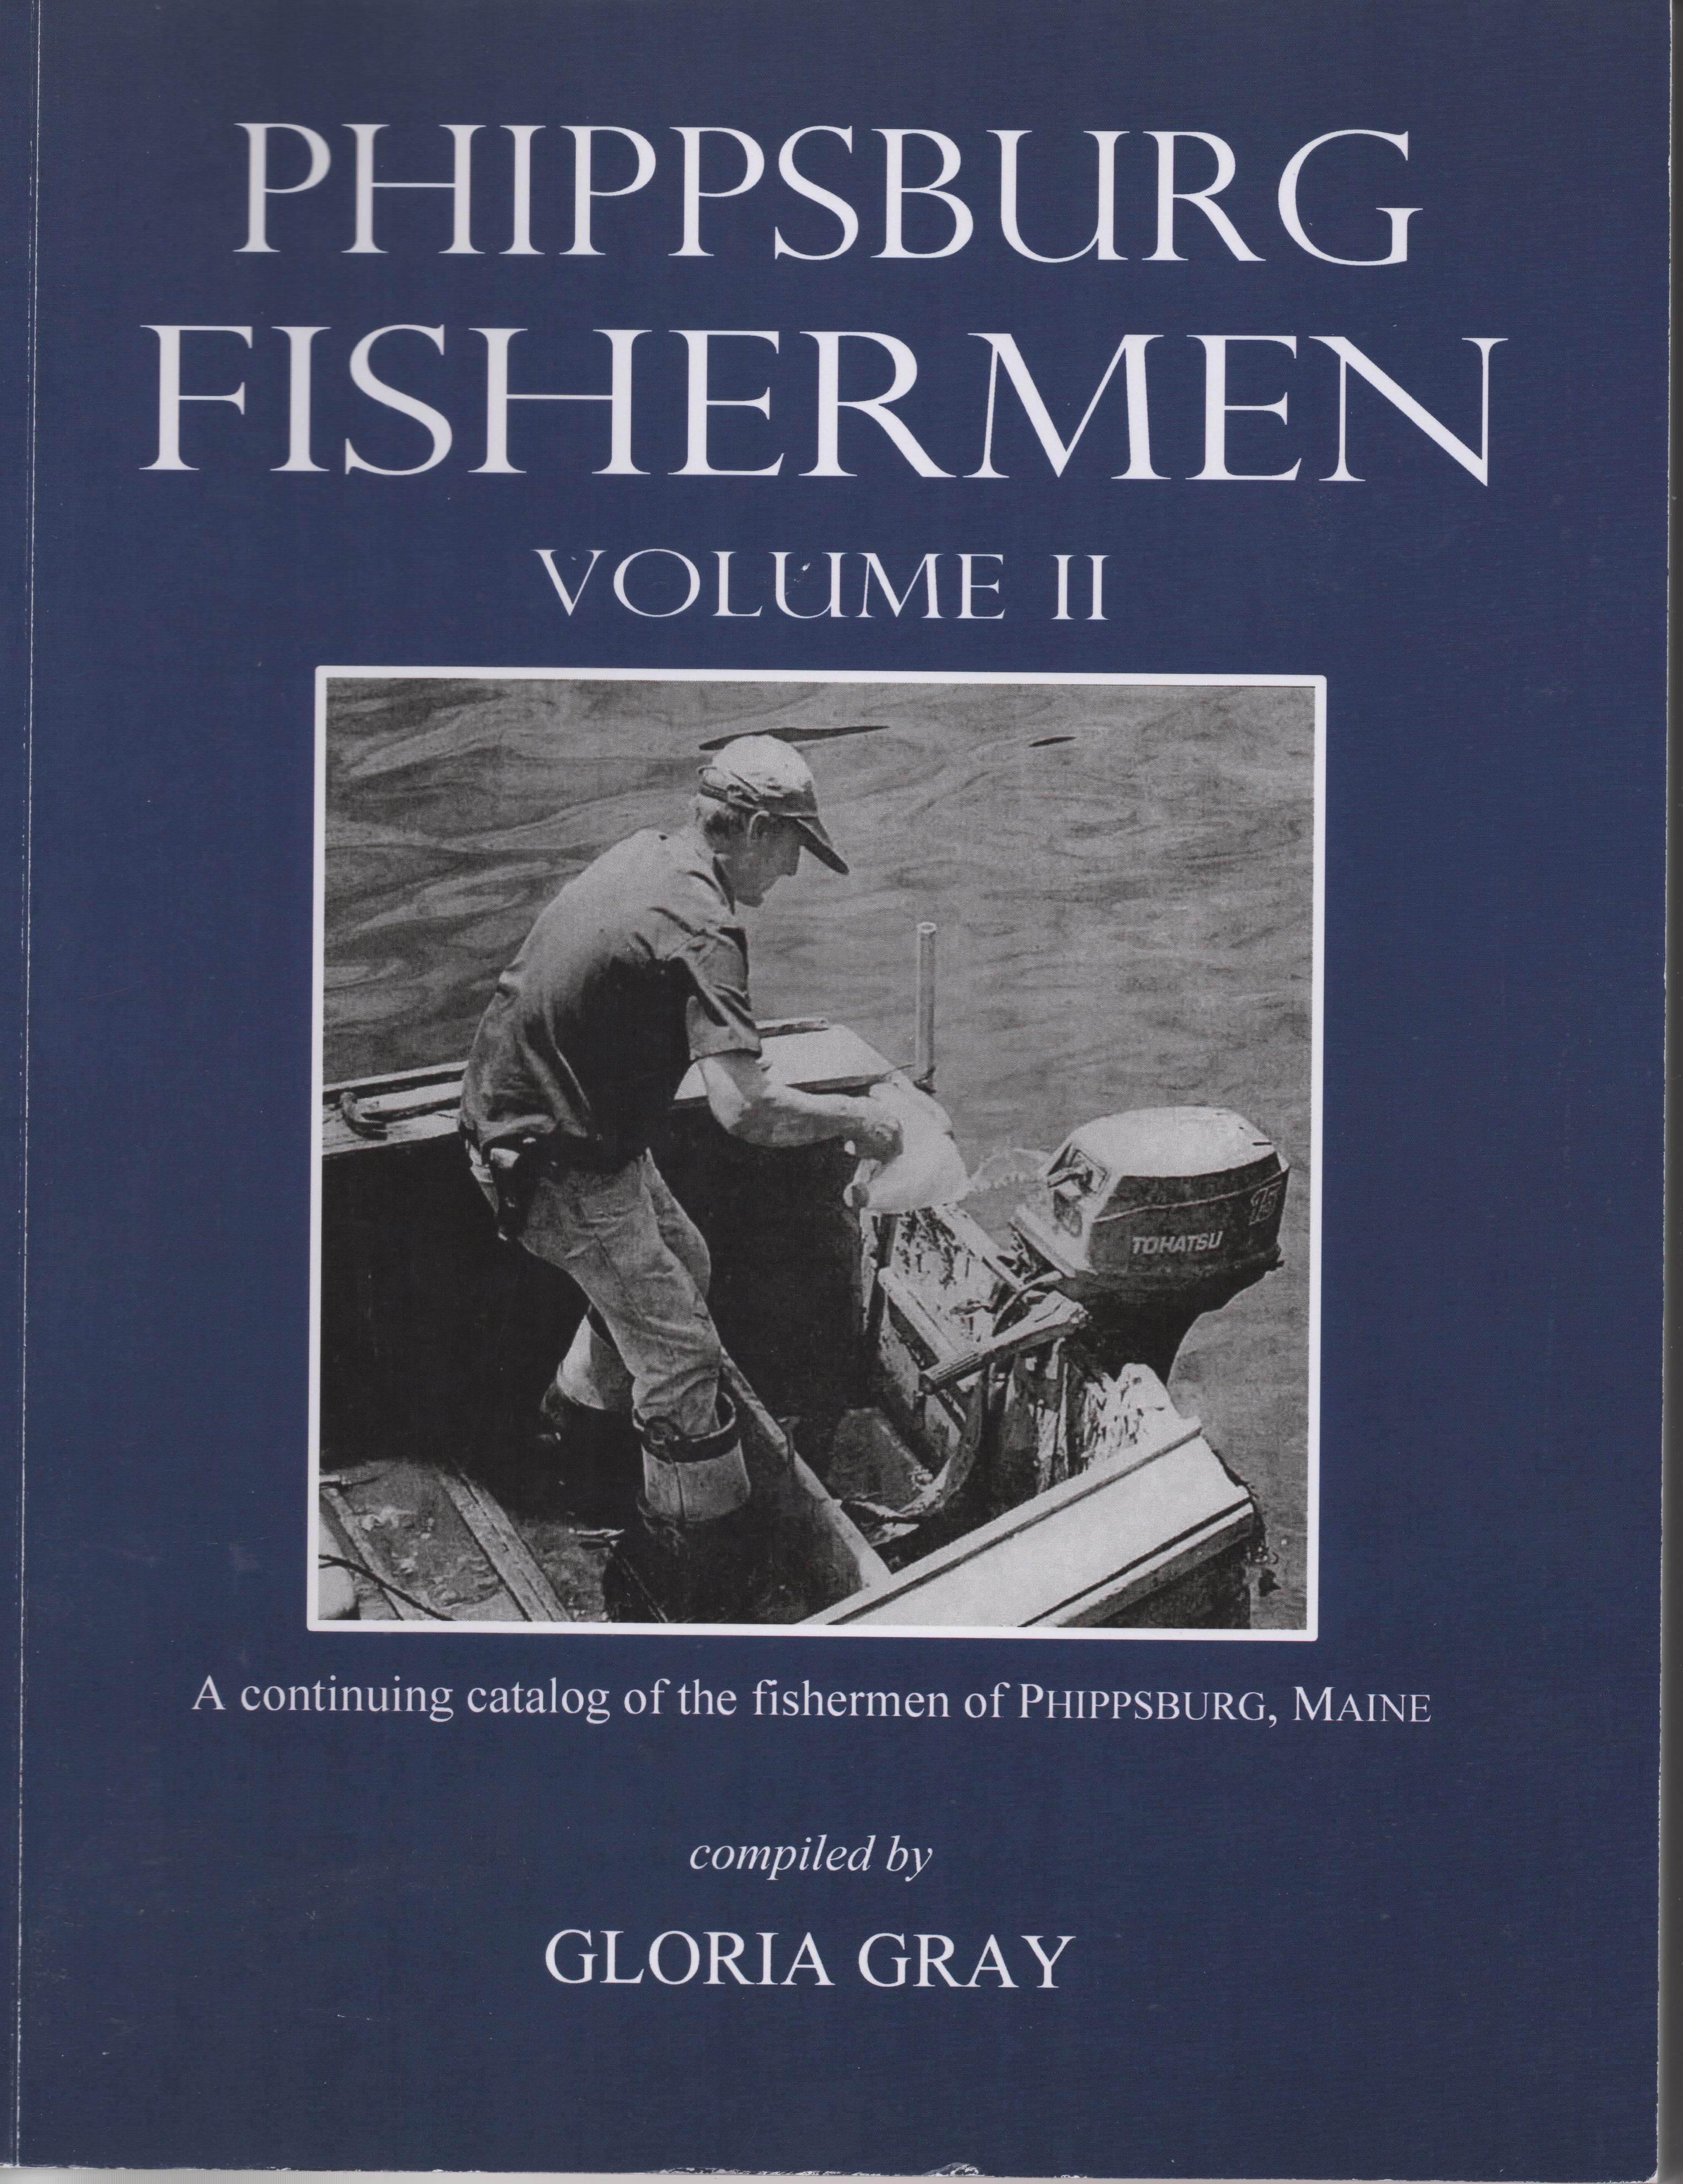 Phippsburg Fishermen Volume II